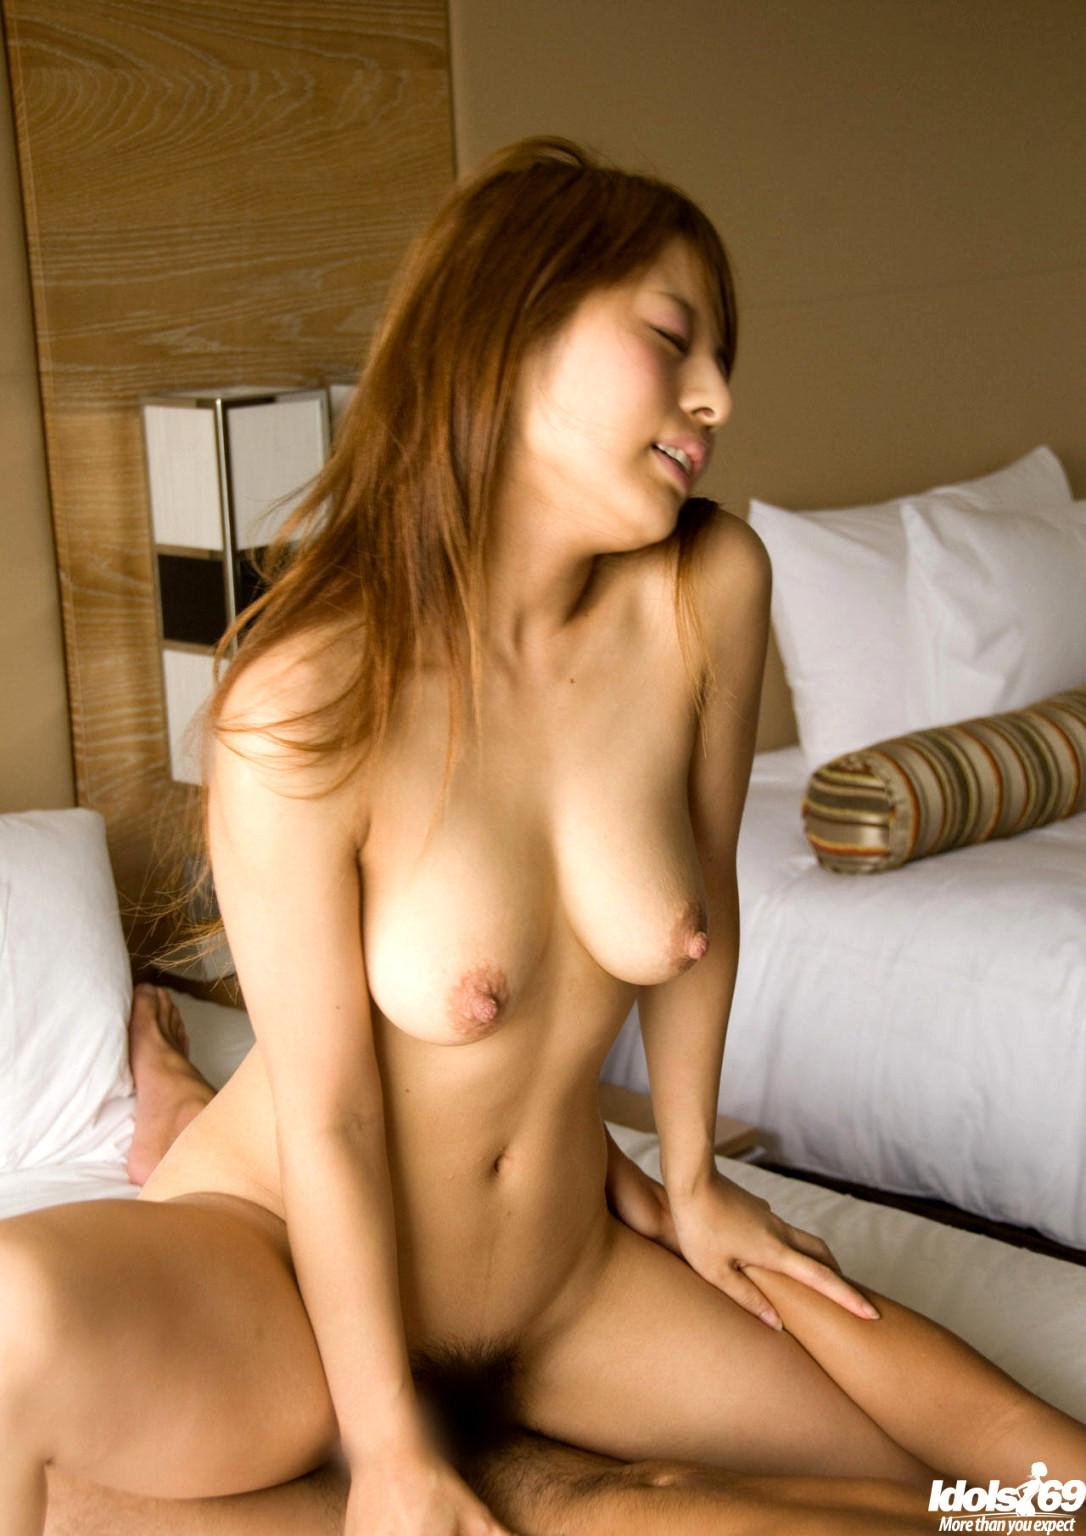 Babe Today Idols69 Idols69 Model Funny Jap Hdporn Porn Pics-9048